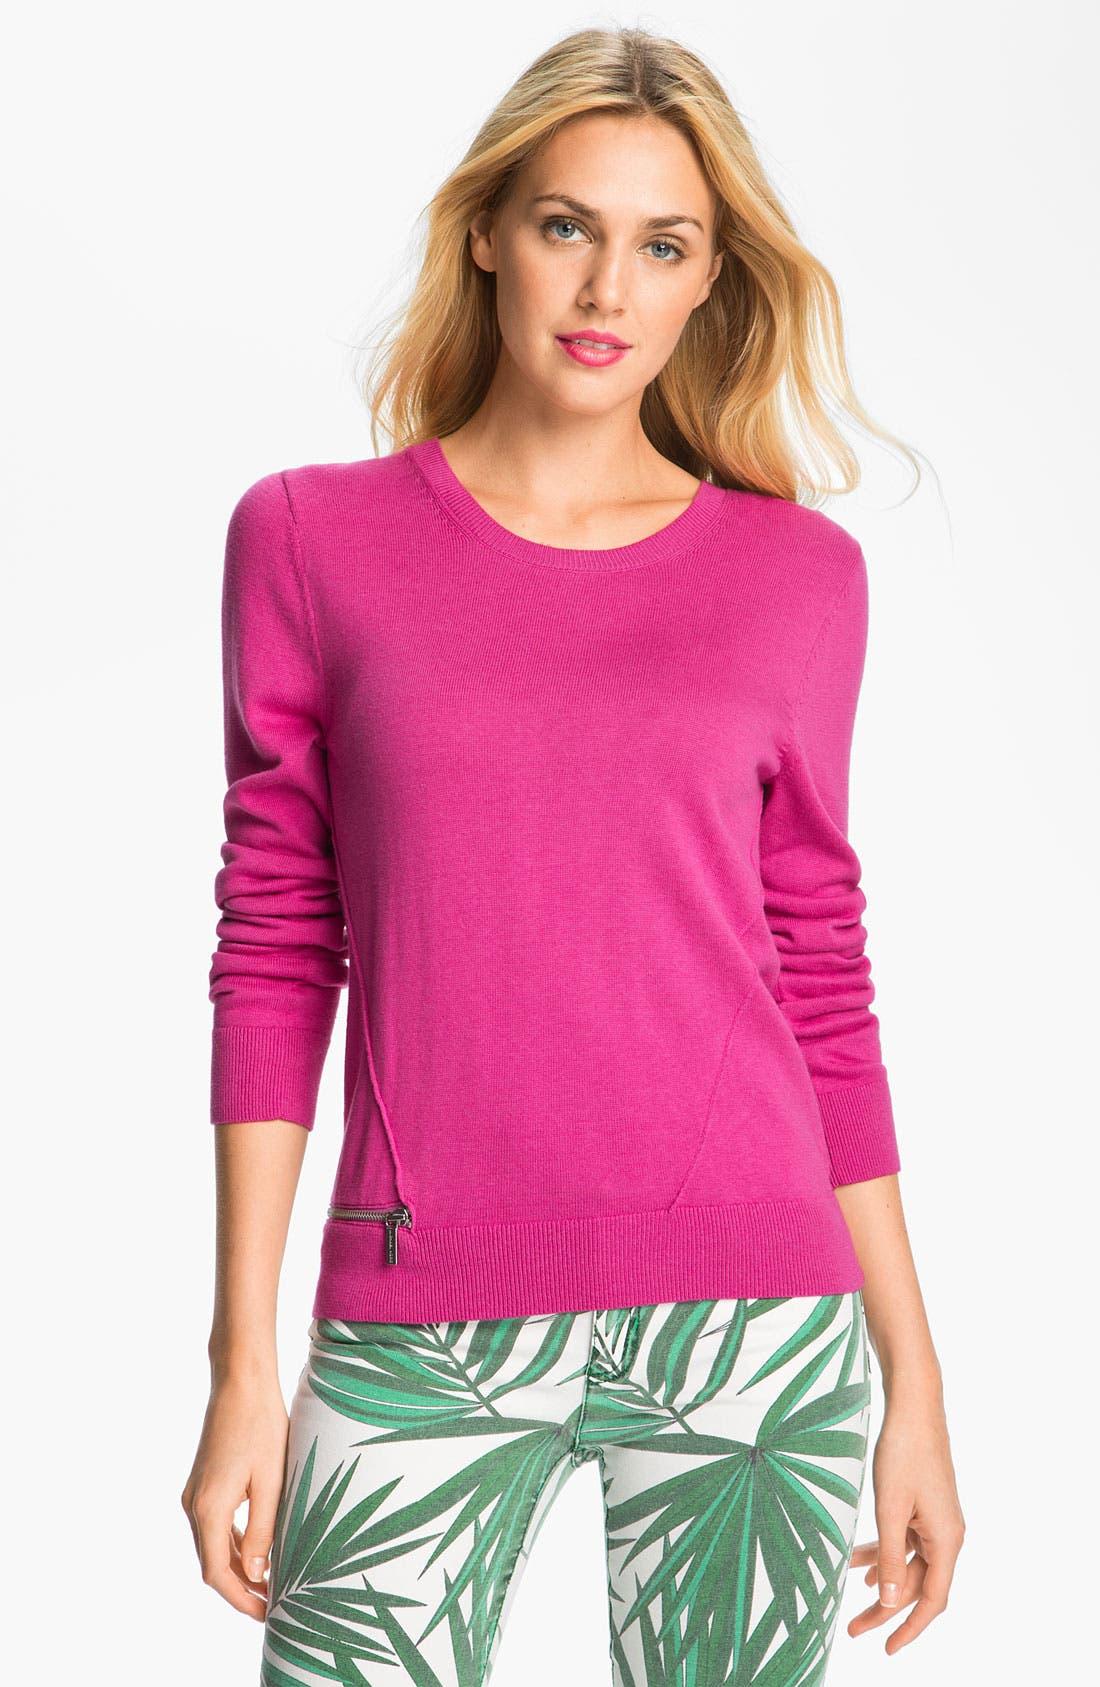 Alternate Image 1 Selected - MICHAEL Michael Kors Crewneck Sweater (Petite)